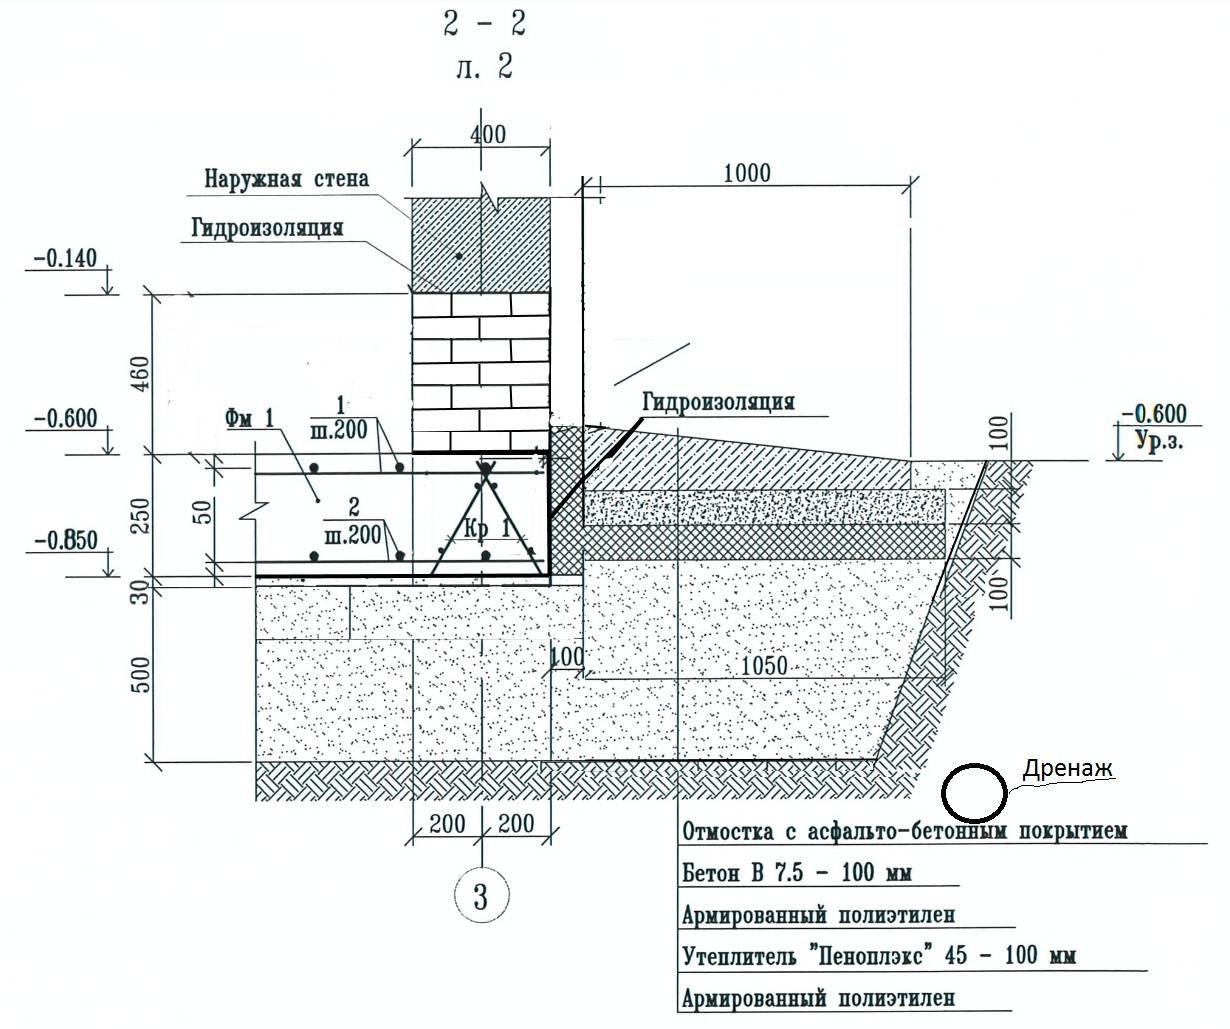 Определение значения несущей способности грунта